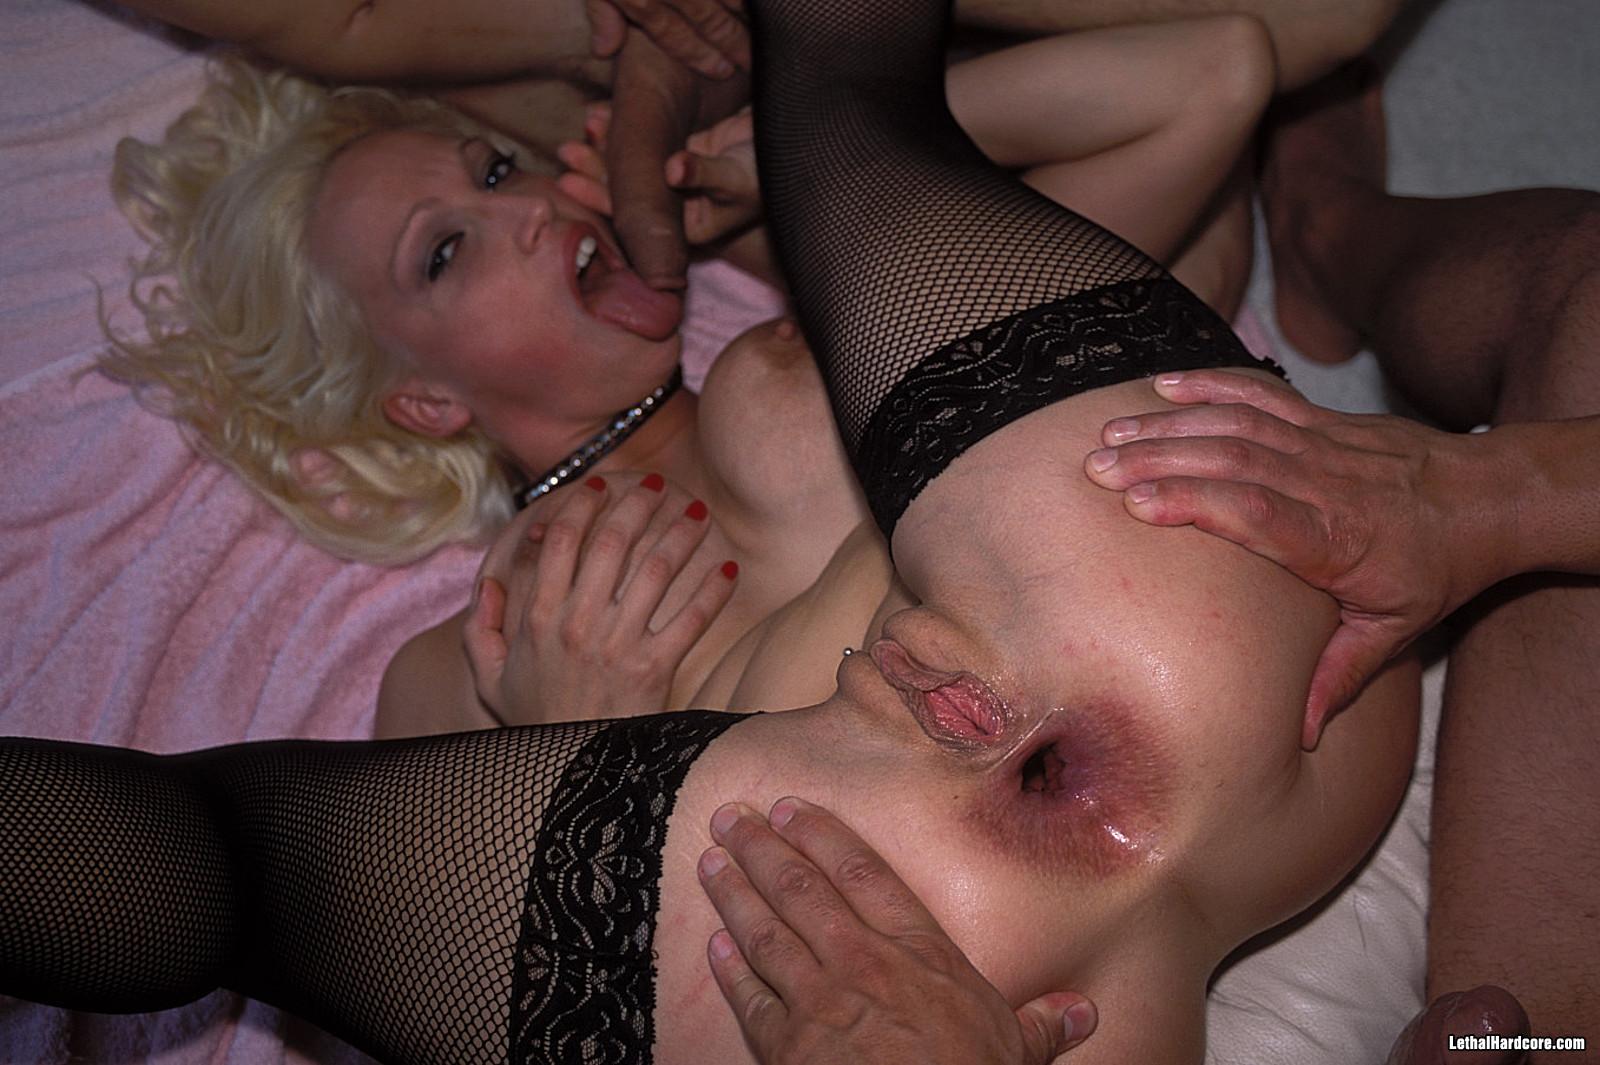 Порно русское ебать в жопу проститутку красивое соло